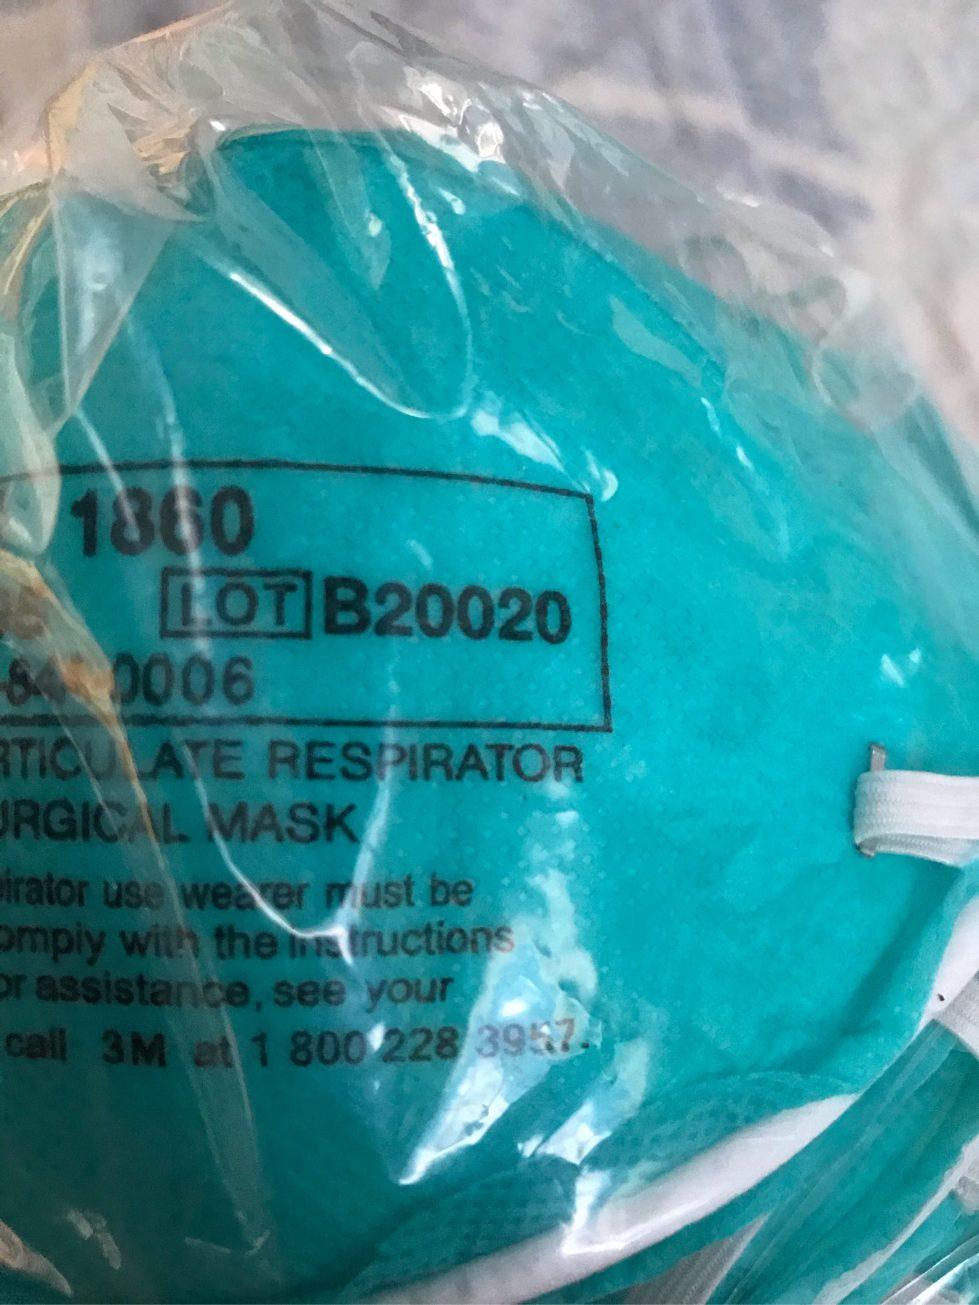 3M counterfeit mask lot B20020